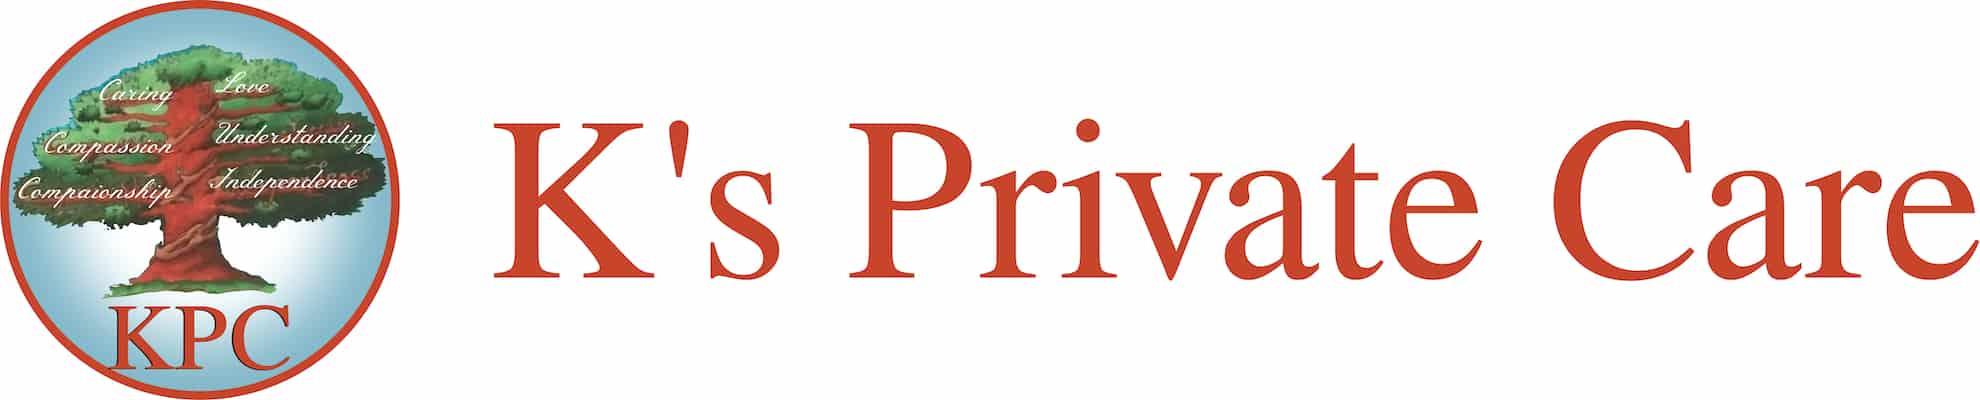 K's Private Care